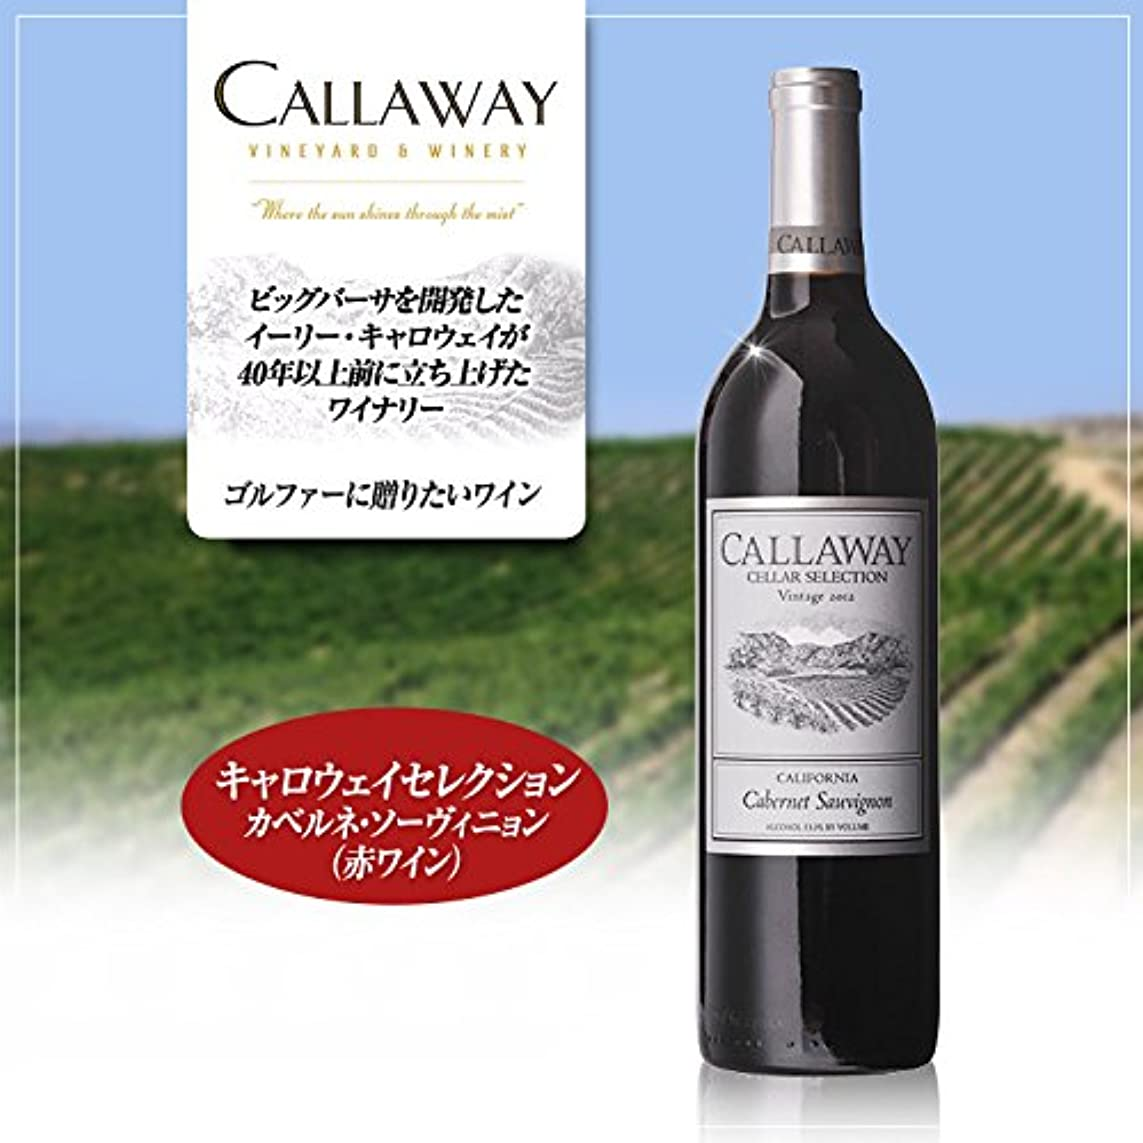 道徳酔っ払い自分を引き上げる[ゴルフ コンペ 景品 ギフト] Callaway キャロウェイ 赤ワイン カベルネソーヴィニヨン